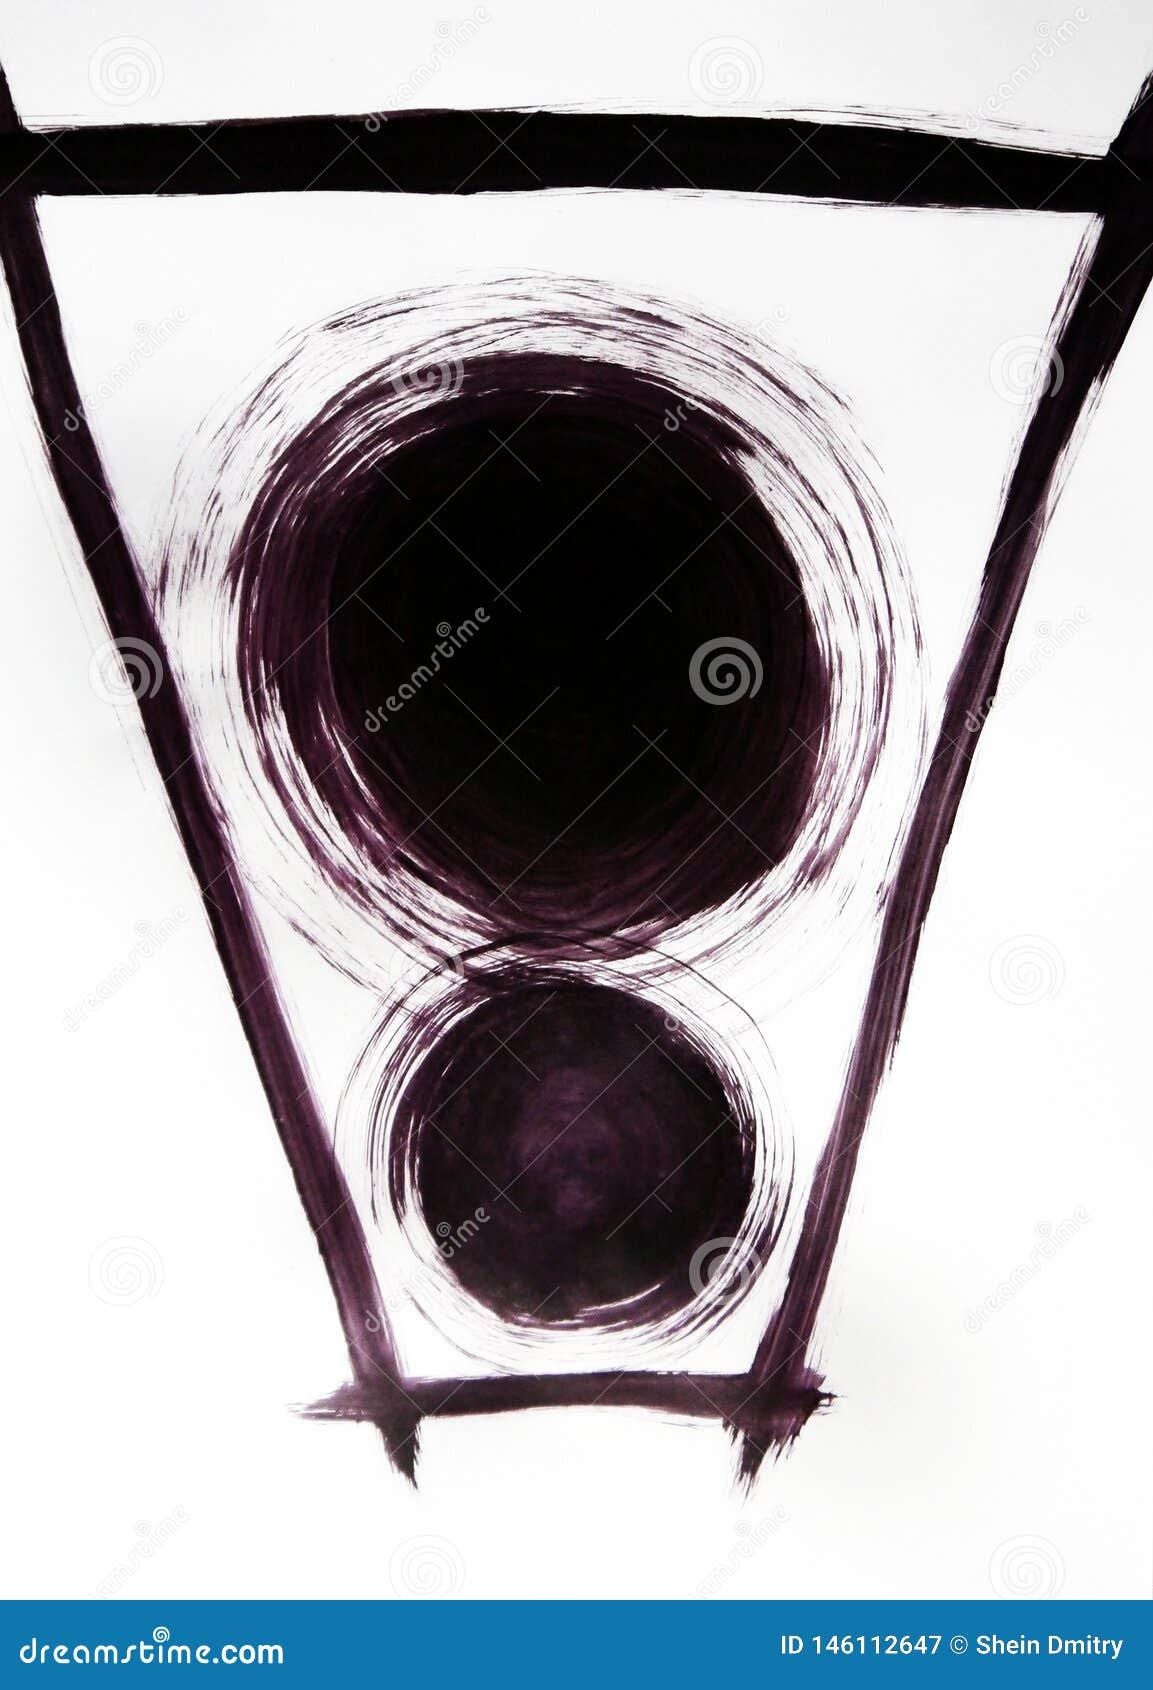 Deux cercles de diamètre différent et autour de la ligne tracée